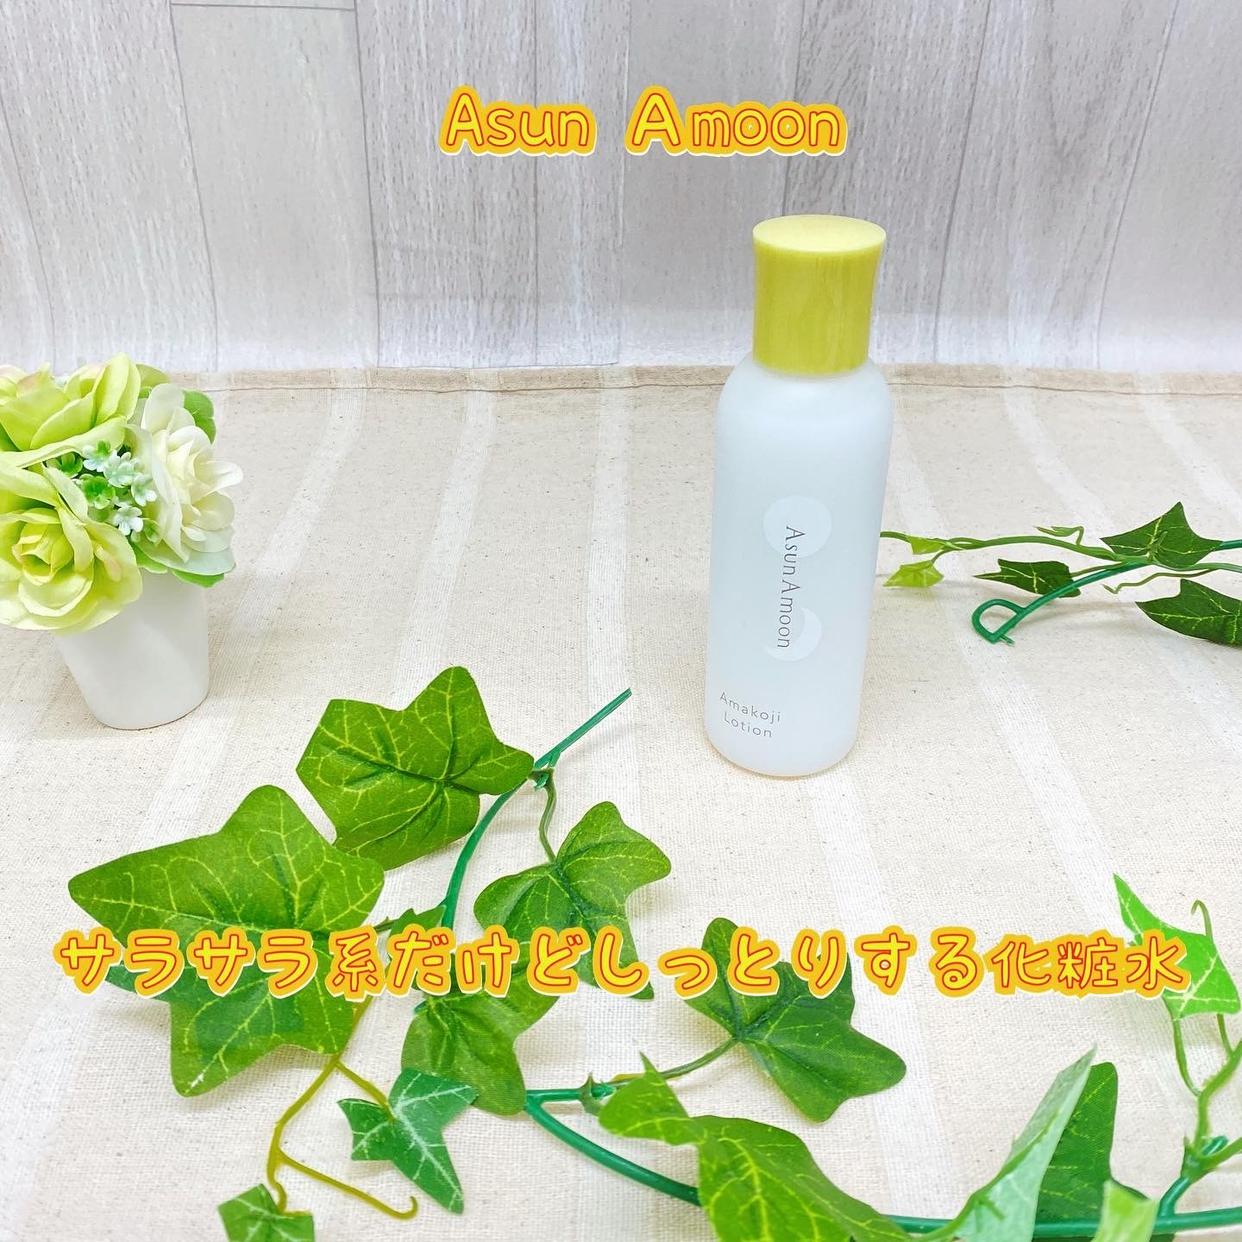 ZETTOC STYLE(ゼトックスタイル) アサンアムーン 甘糀化粧水の良い点・メリットに関するゆうさんの口コミ画像1